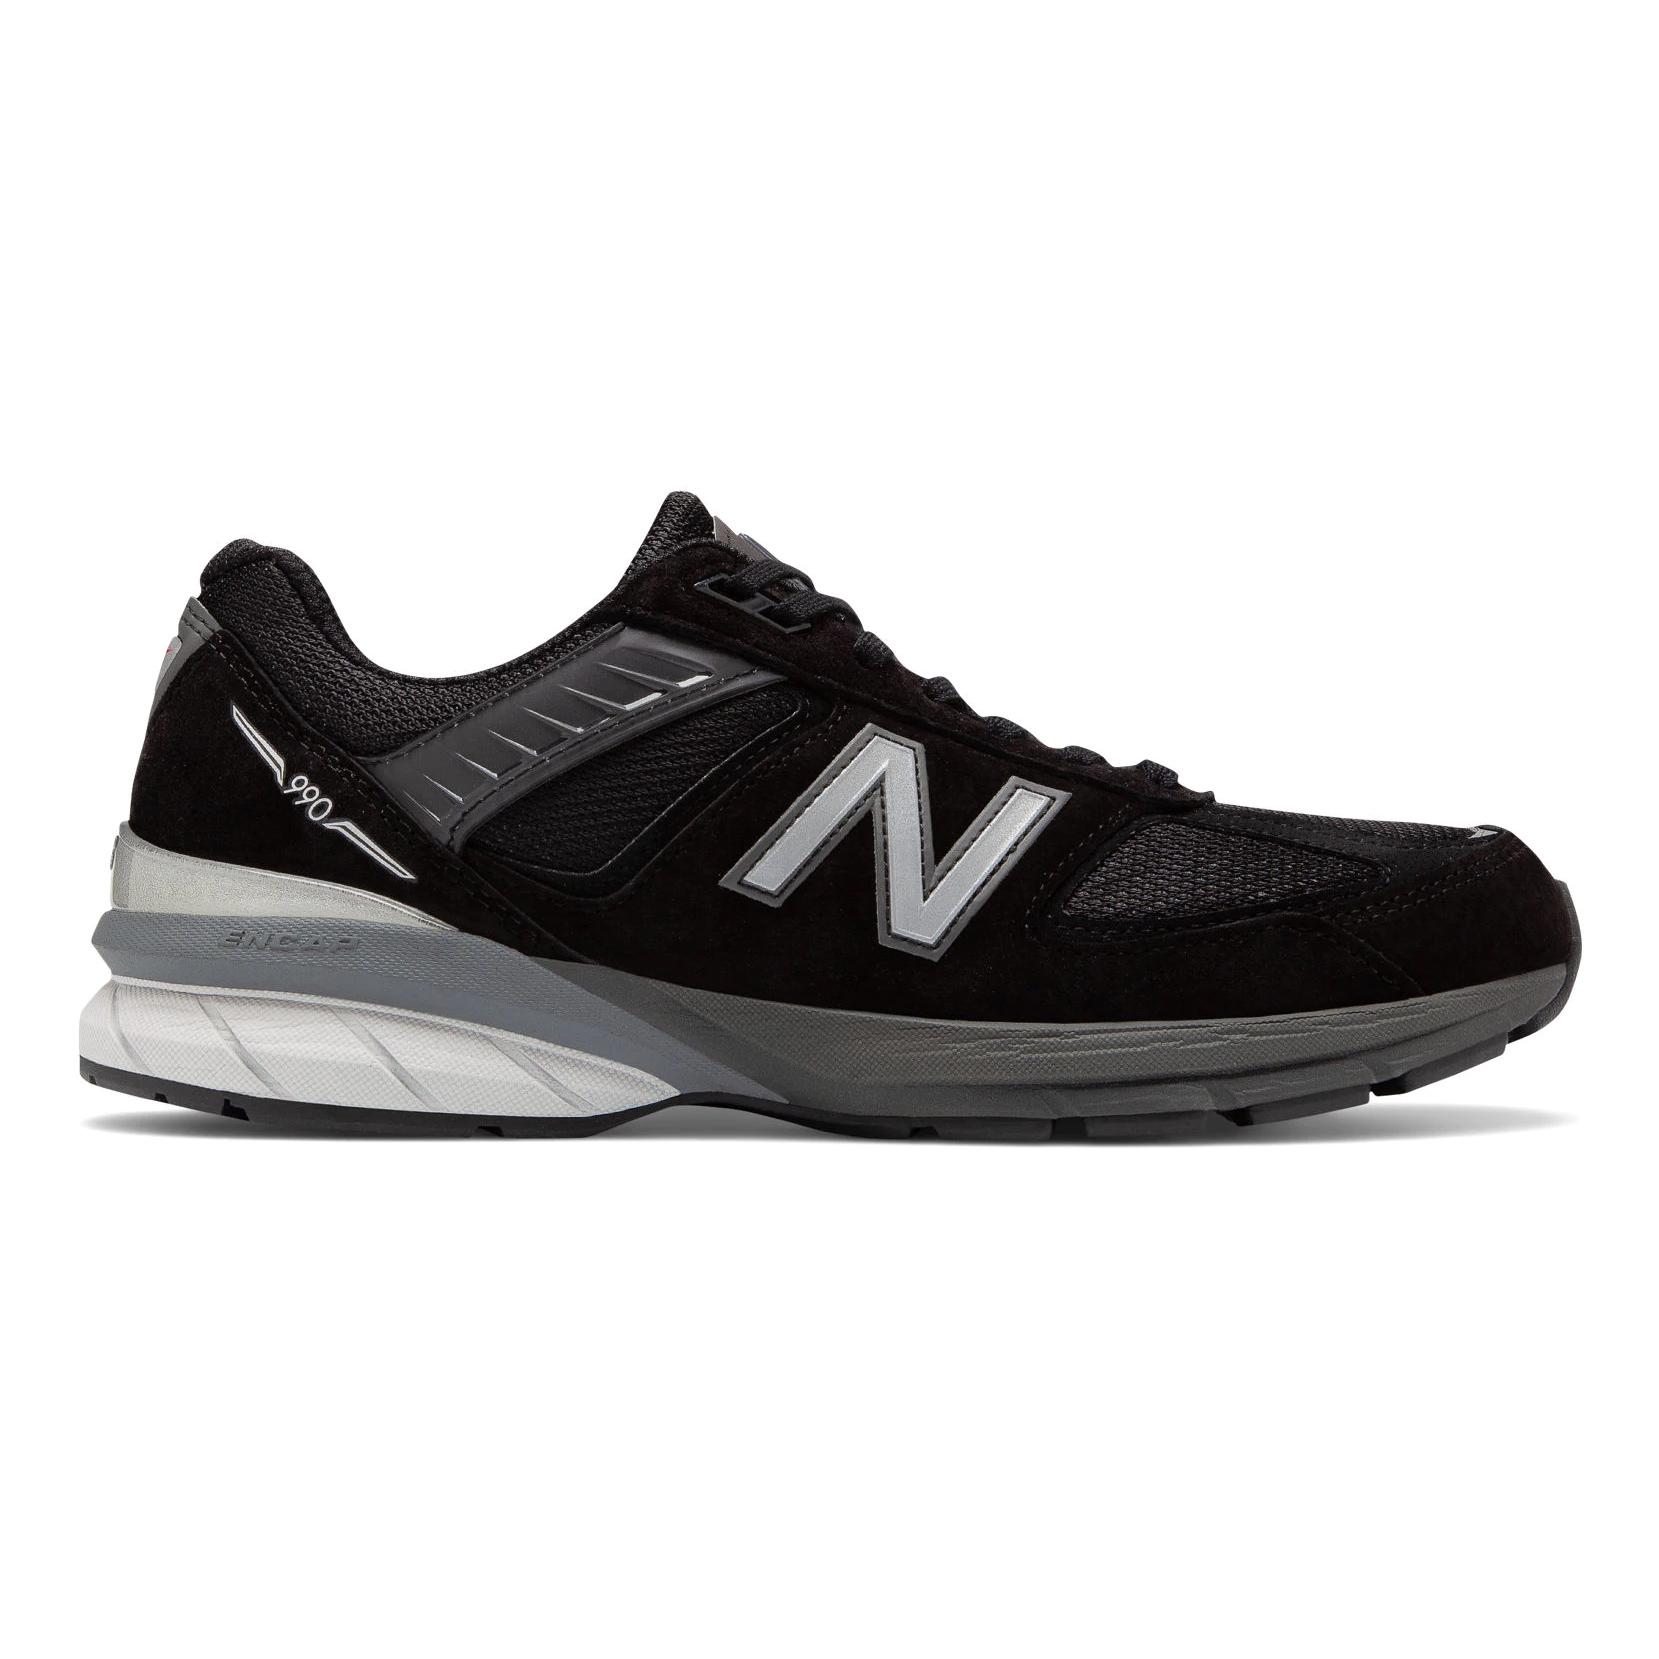 New Balance 990v5 Men's Running - Black / Silver